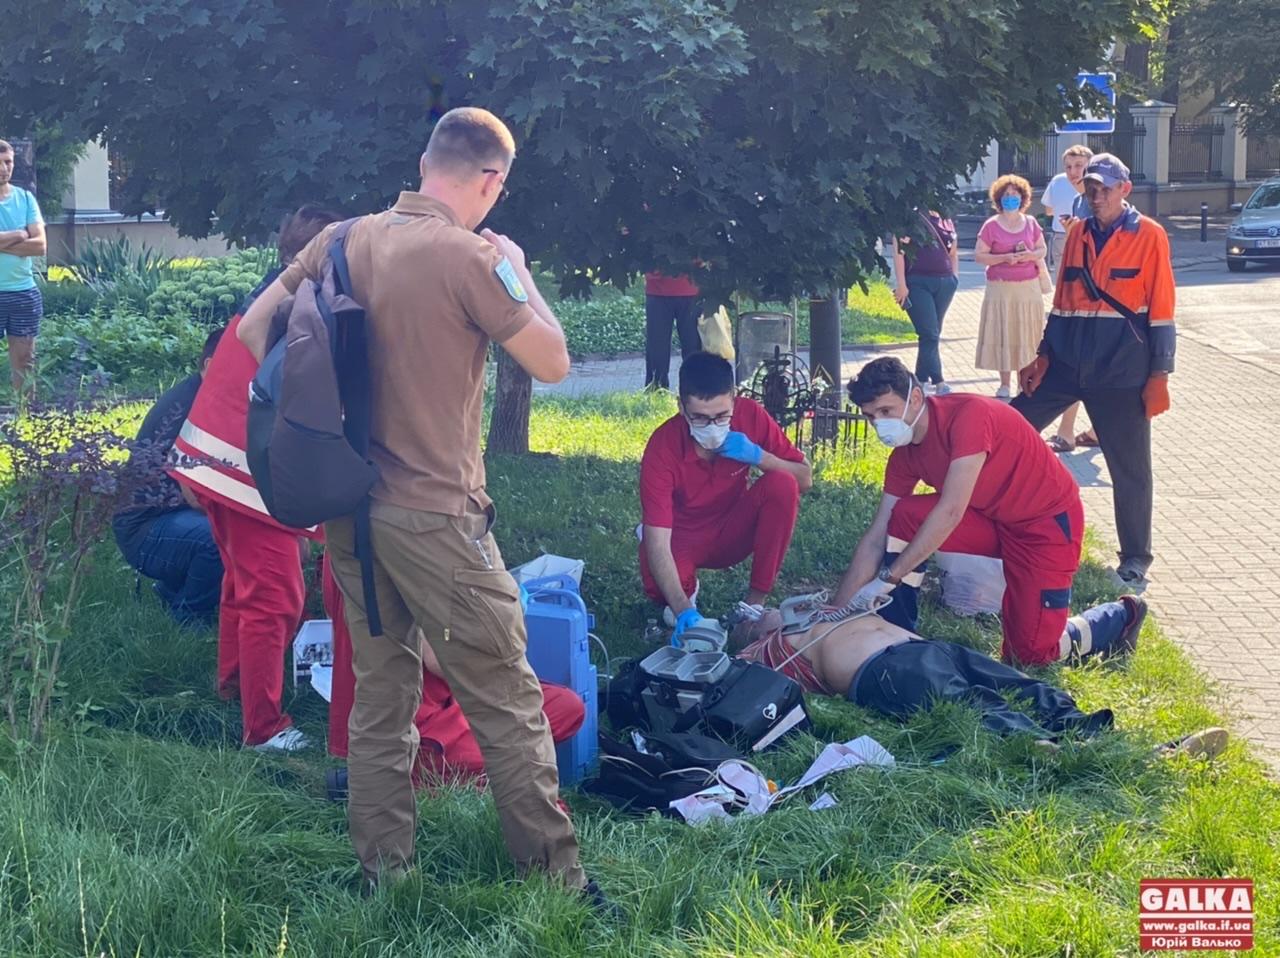 У Франківську муніципал допоміг врятувати чоловіка, в котрого зупинилося серце (ФОТО)